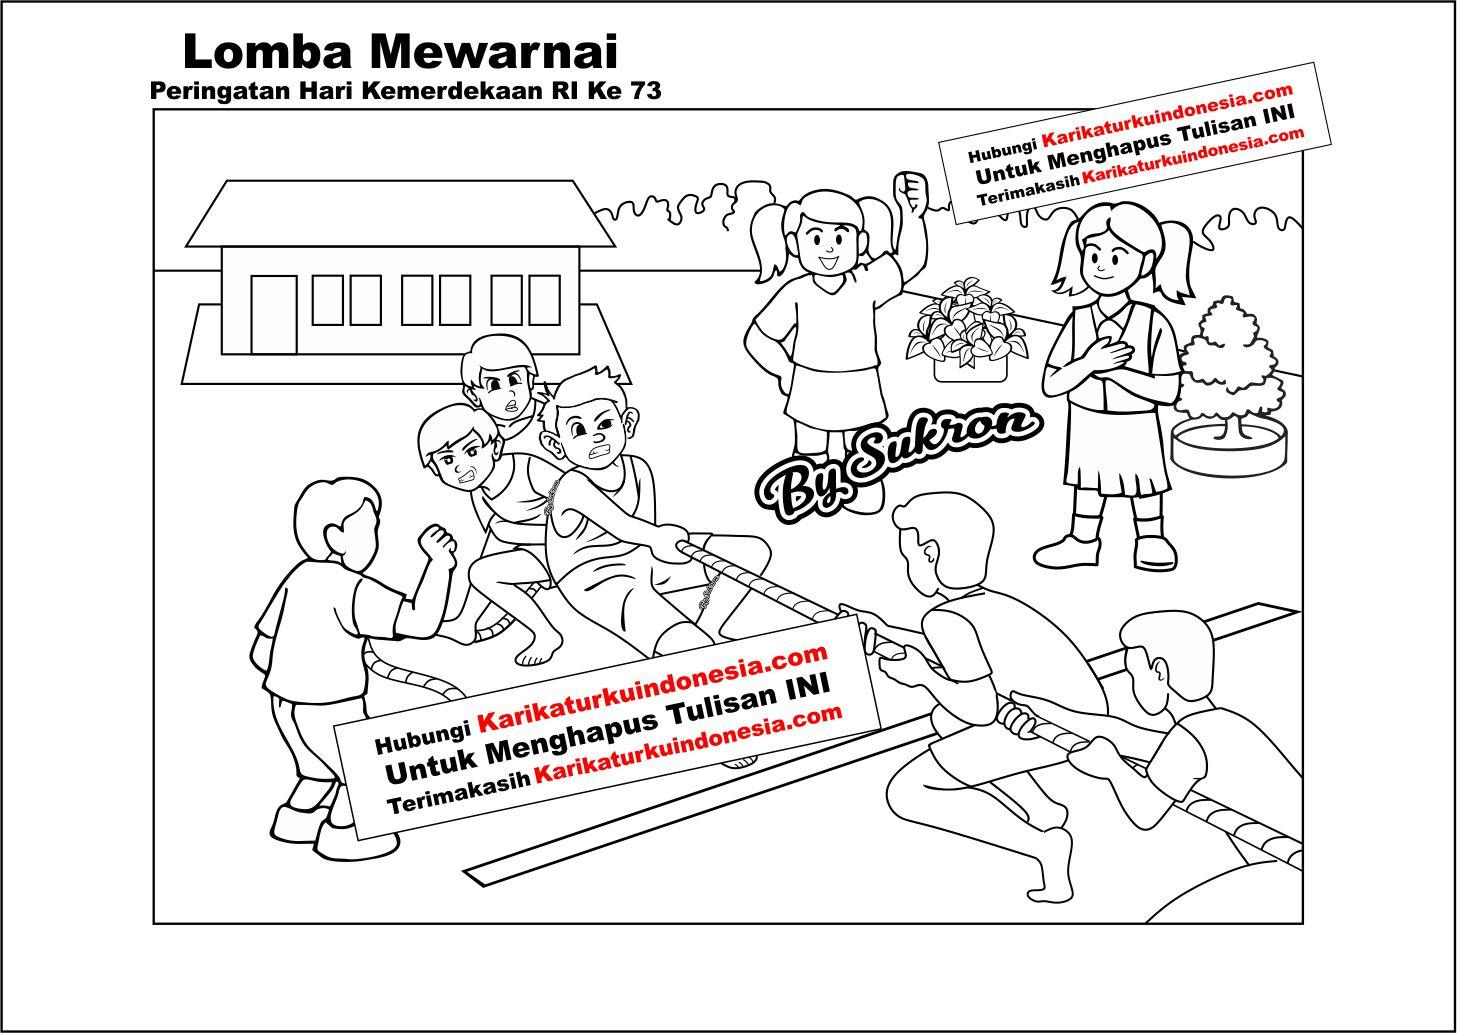 Karikaturku Indonesia Lomba Mewarnai Untuk Memperingati